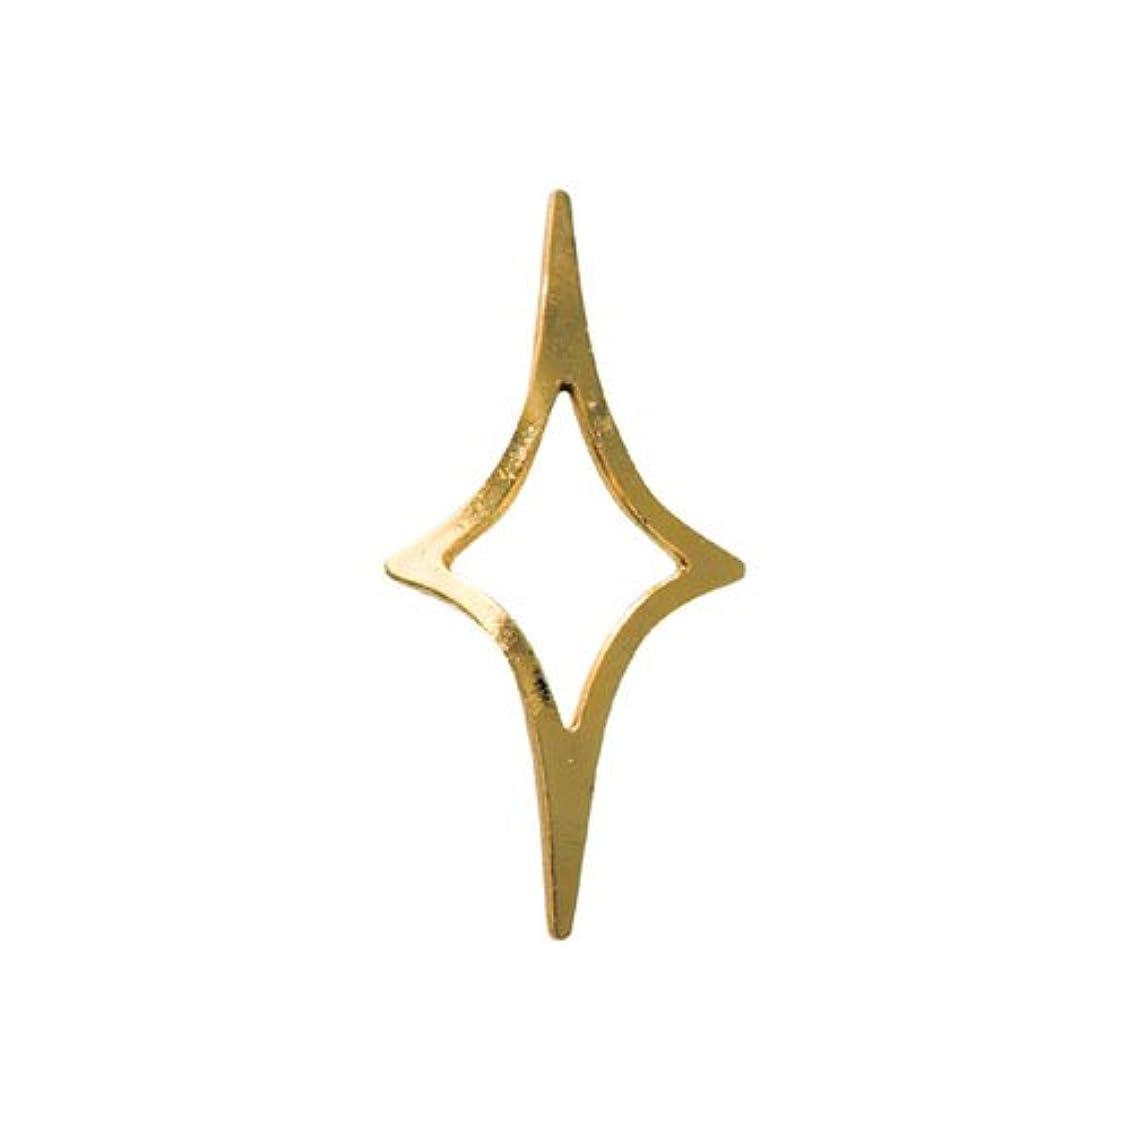 エスカレートラッカスティーンエイジャーリトルプリティー ネイルアートパーツ キラキラ2 3S ゴールド 20個